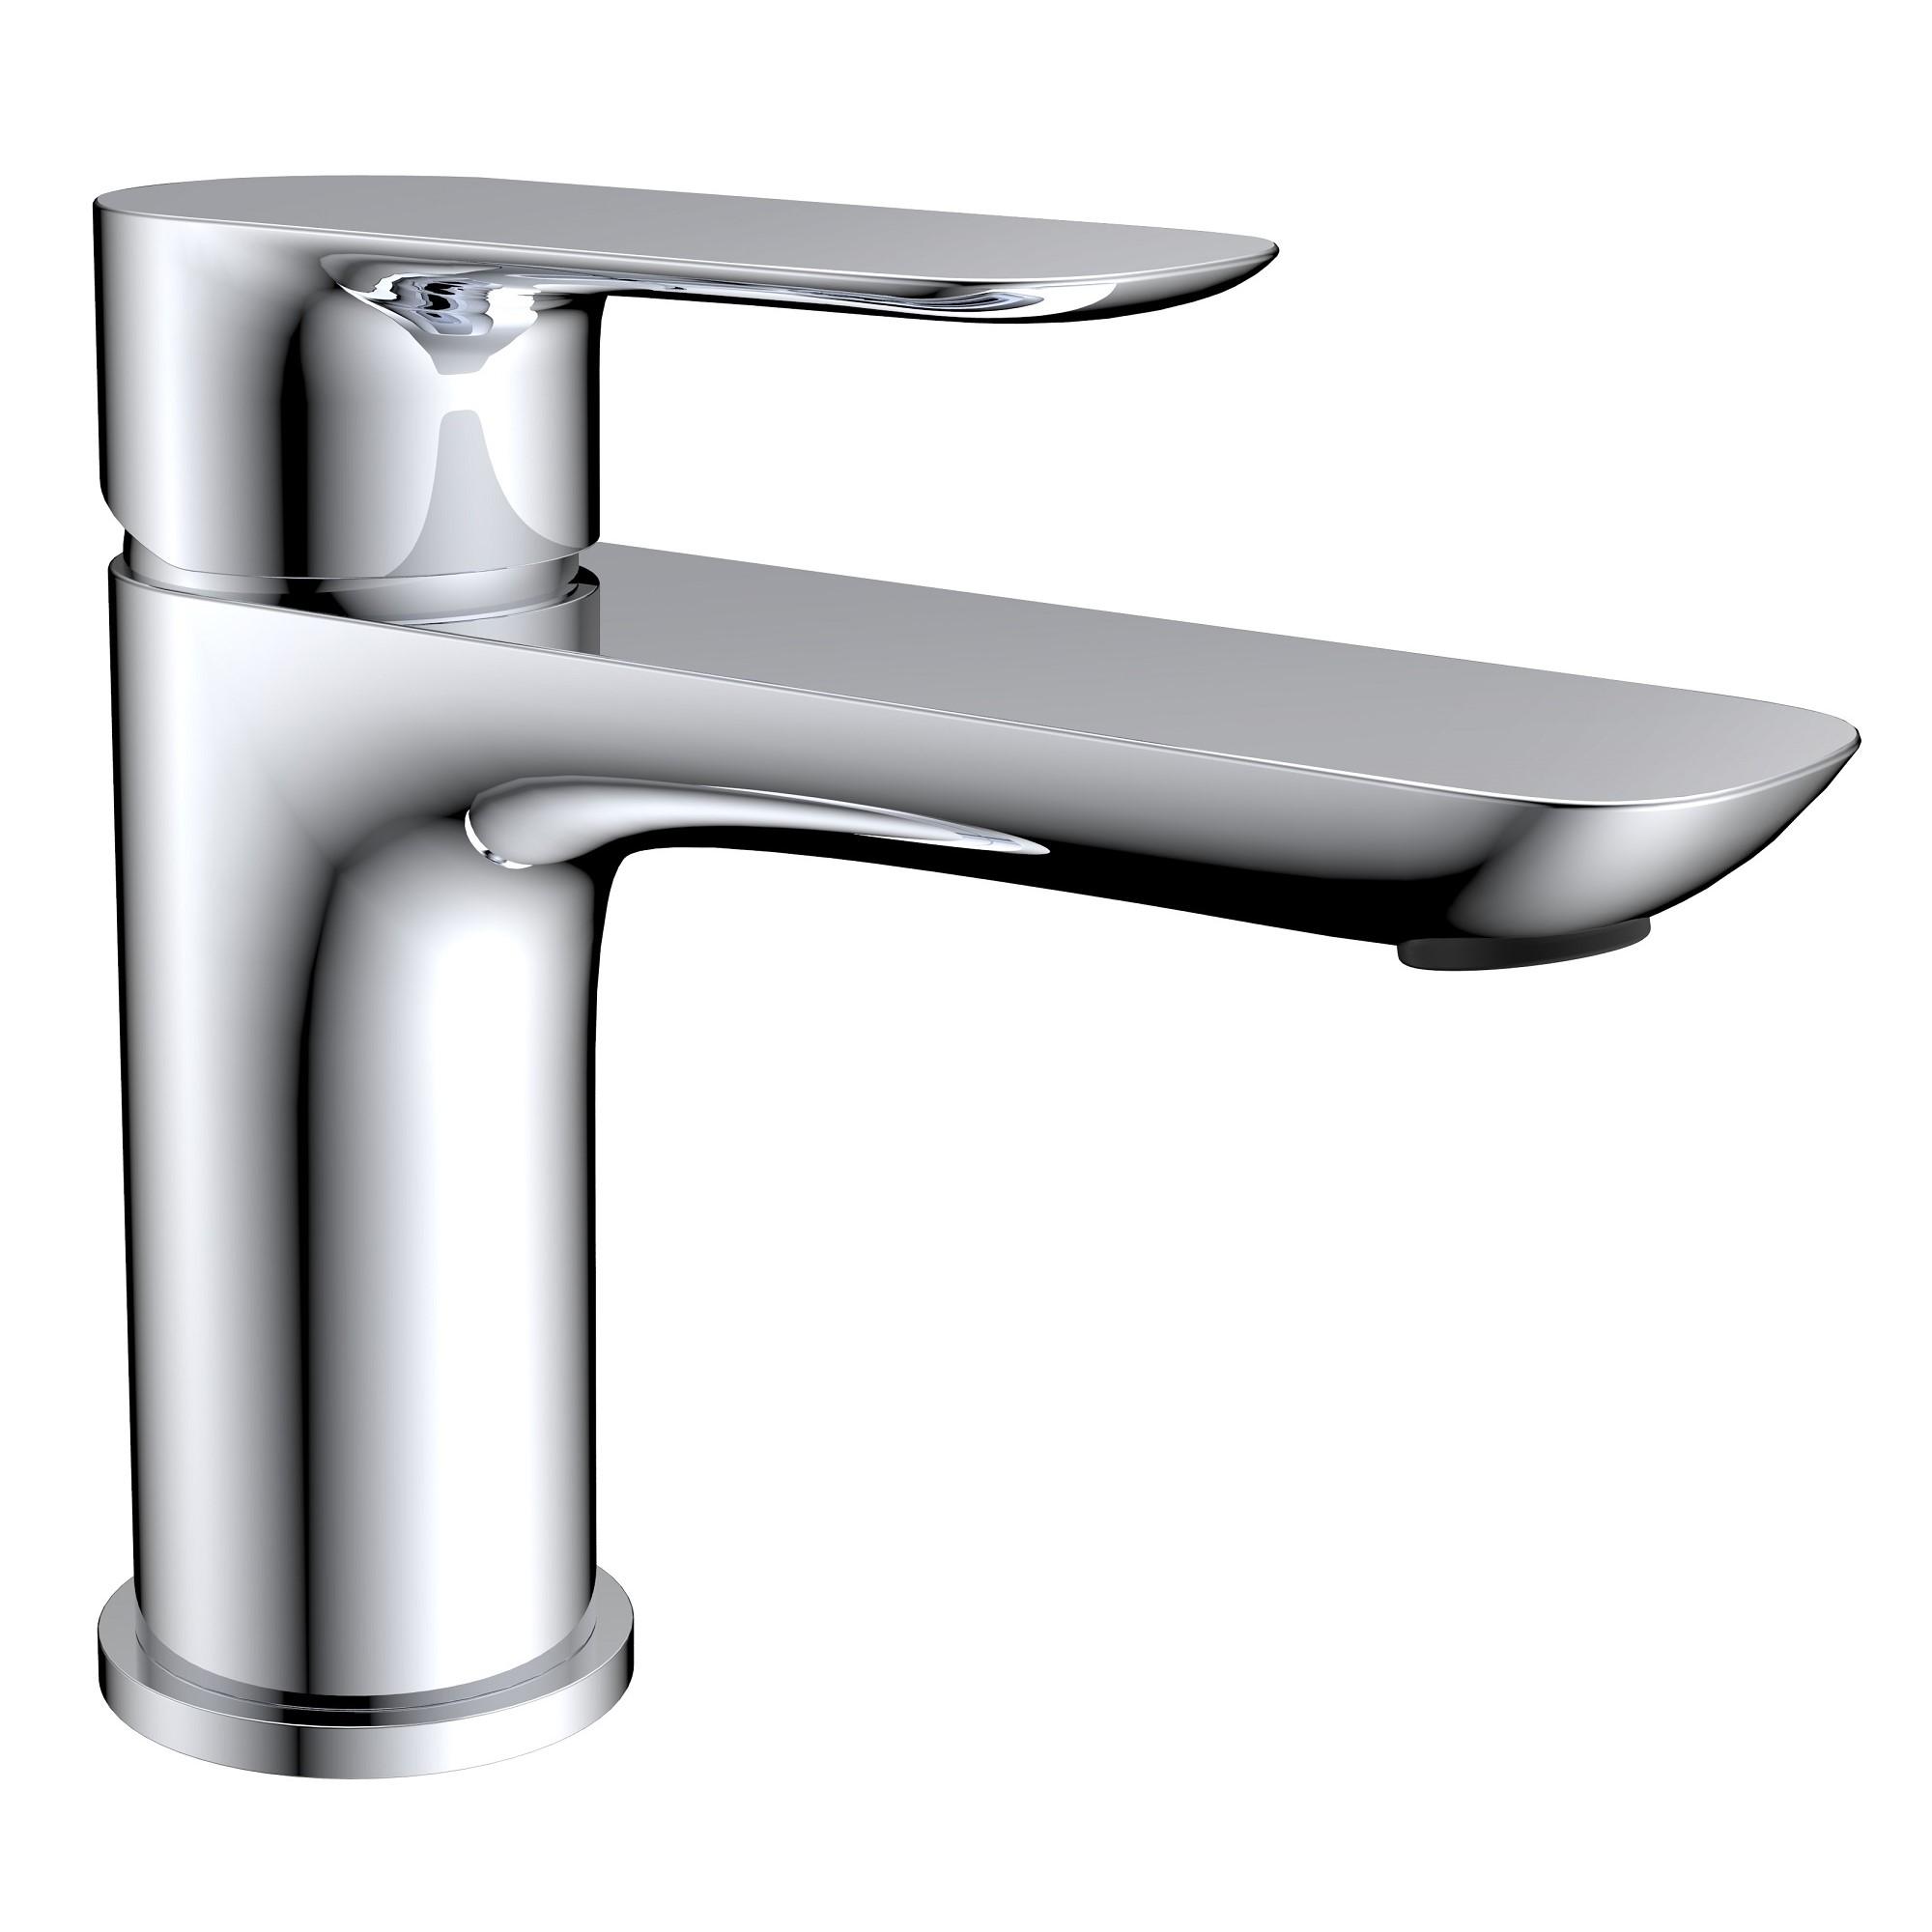 Tvättställsblandare Bathlife Pärla